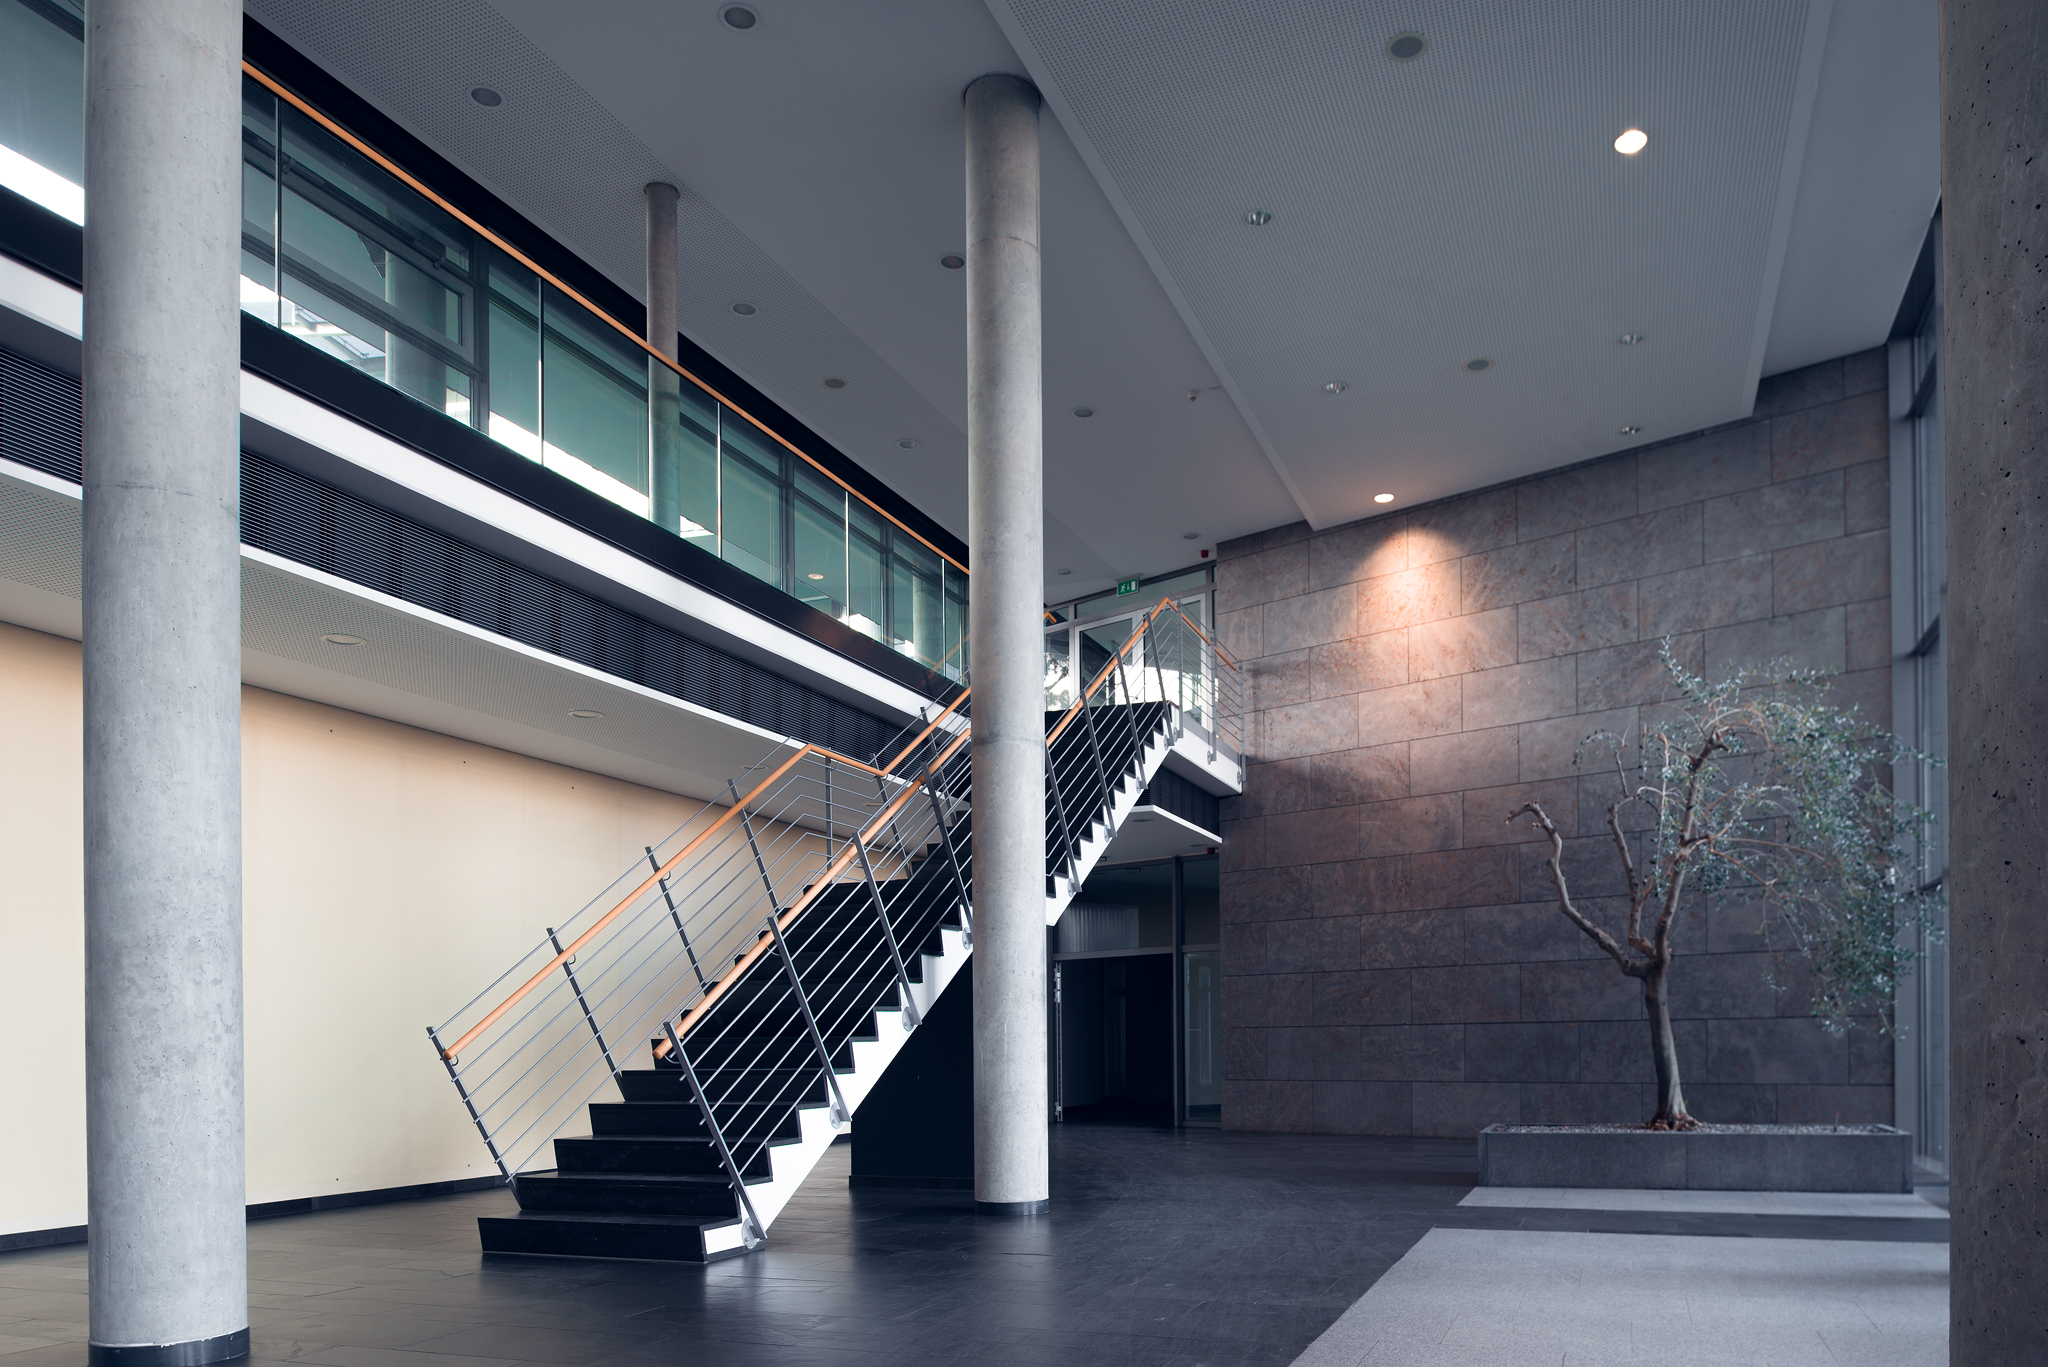 Immobilienfotograf Wiesbaden: Treppenhaus eines Versicherungsgebäudes